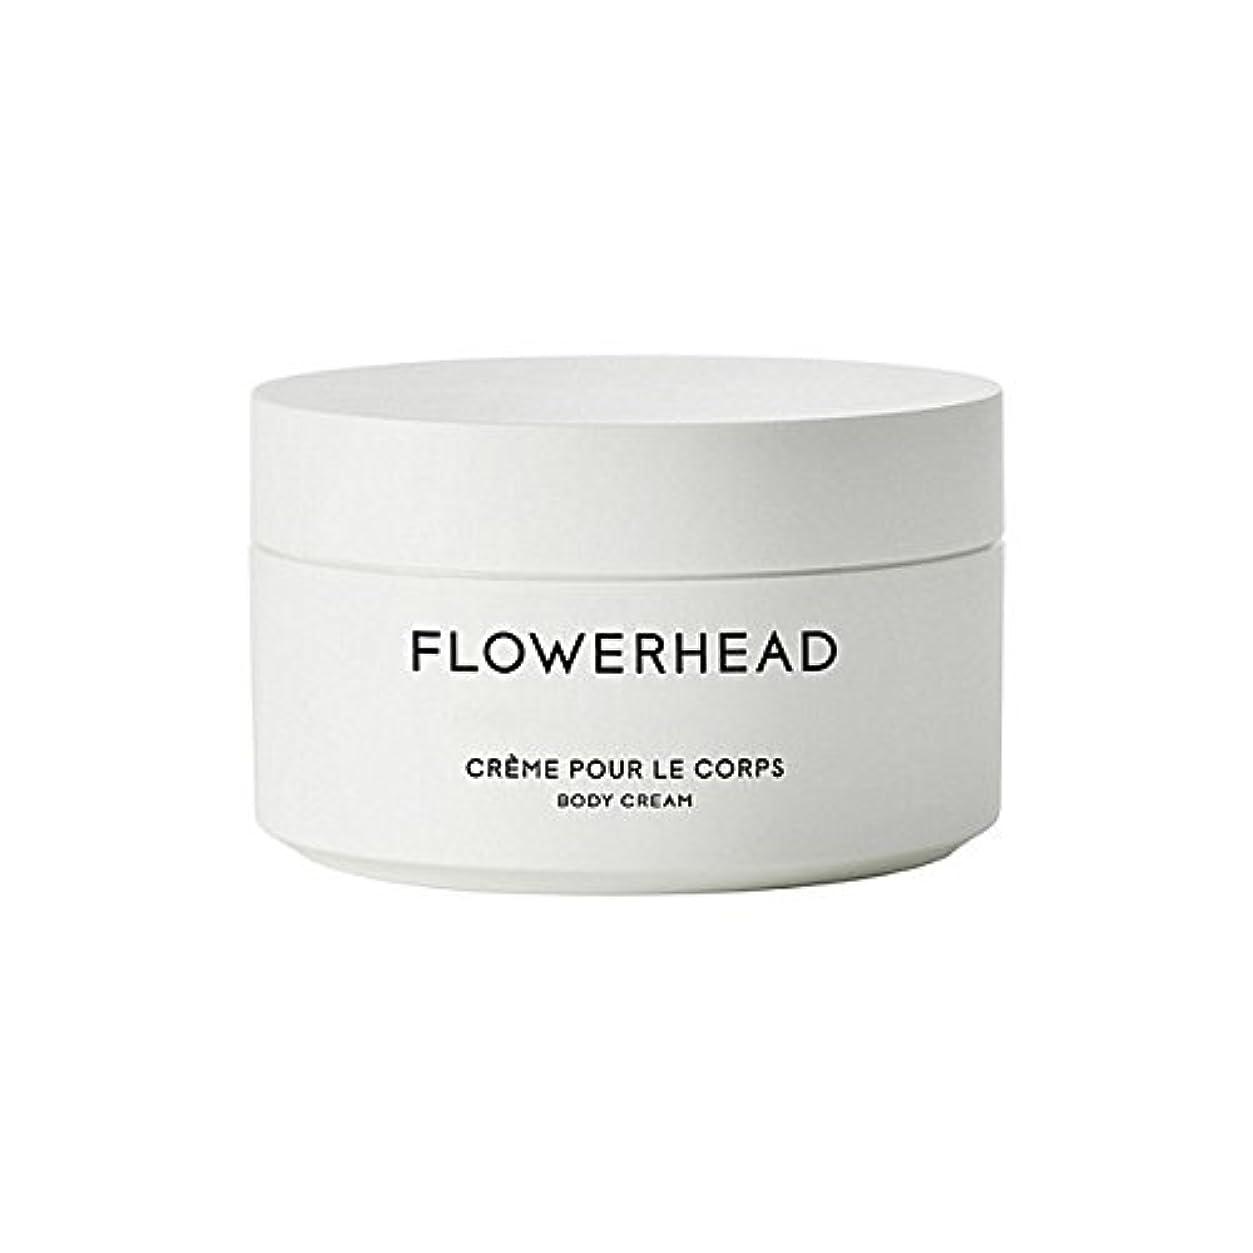 レモンゆでる逆さまにByredo Flowerhead Body Cream 200ml - ボディクリーム200ミリリットル [並行輸入品]